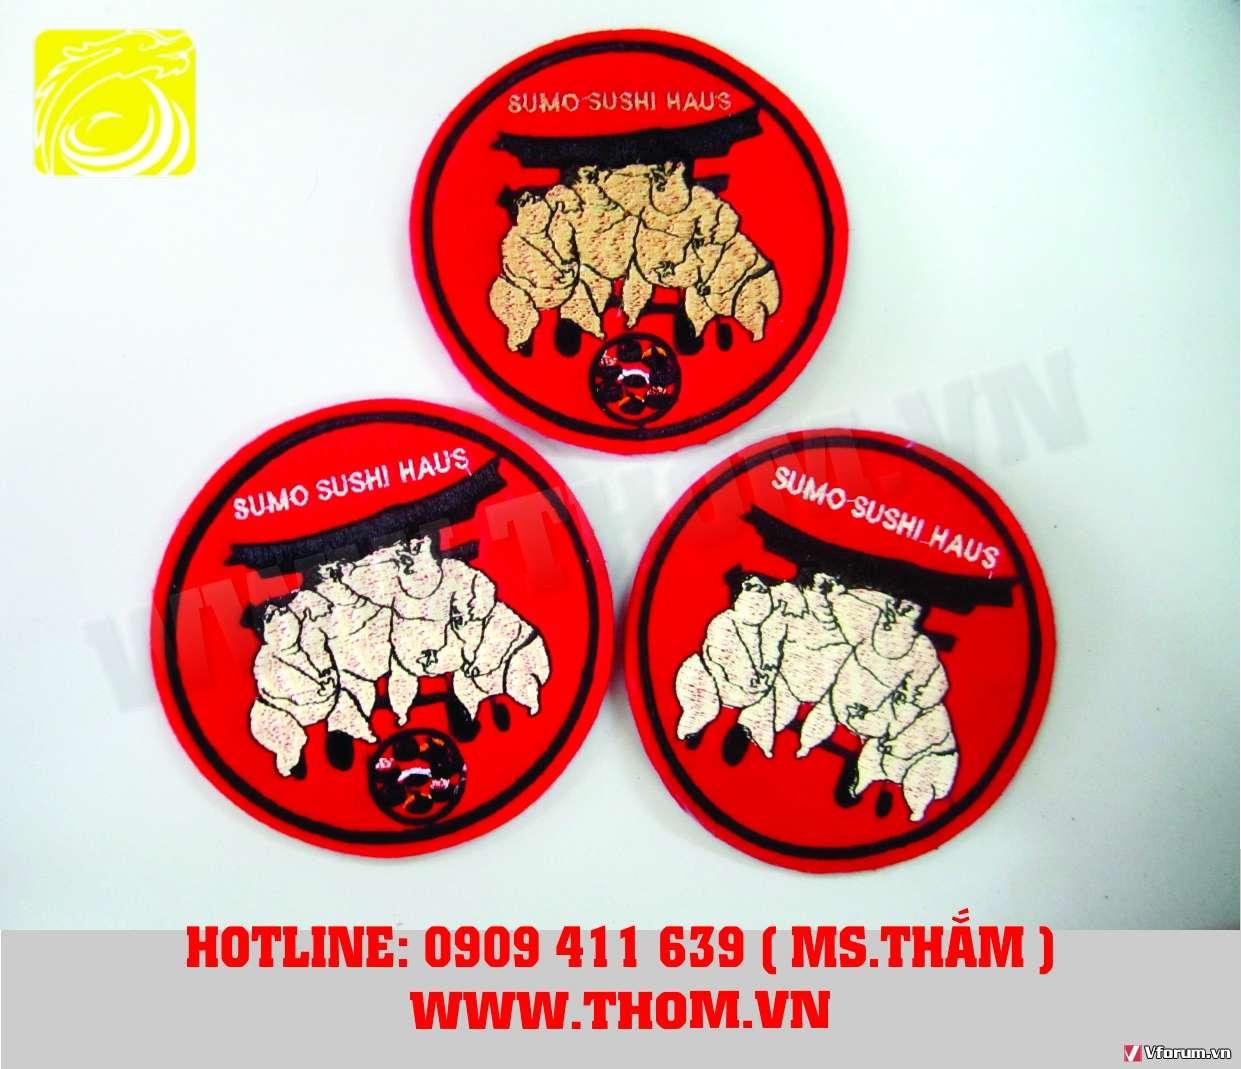 Xưởng sản xuất Lót Ly in logo quảng cáo, làm quà tặng doanh nghiệp giá rẻ 0909411639